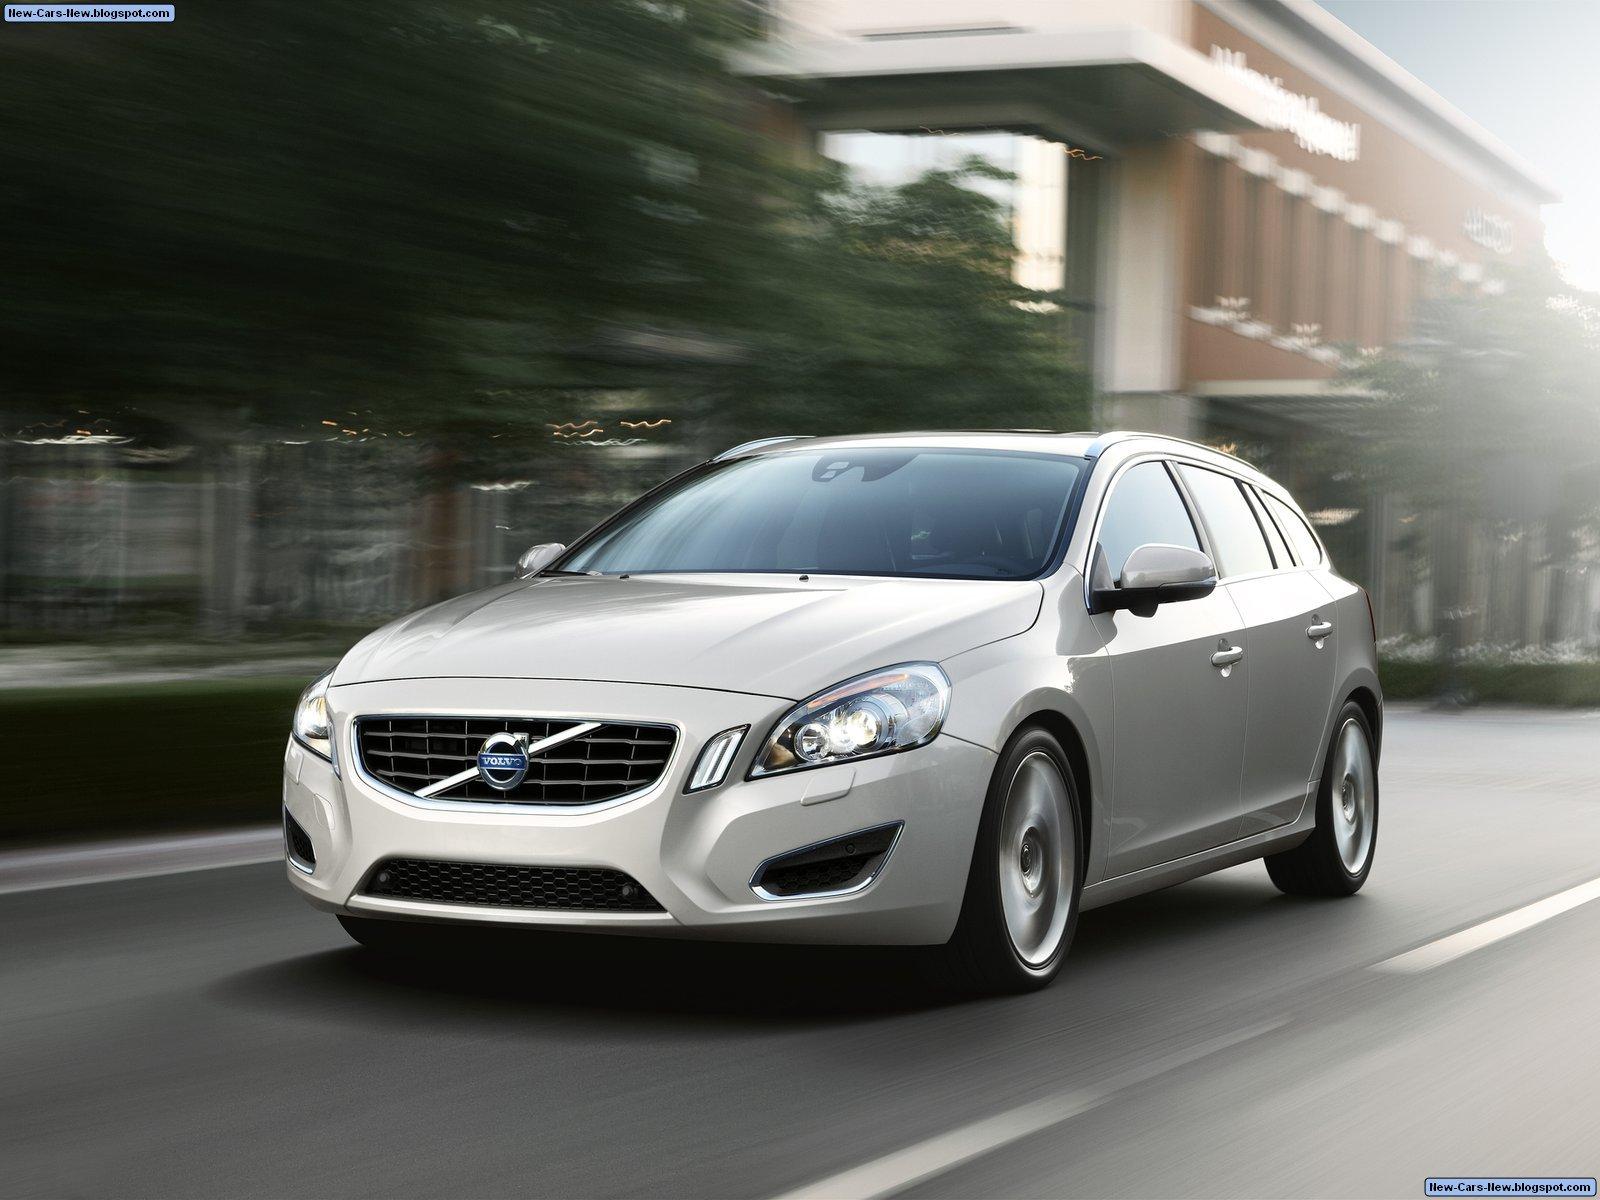 http://3.bp.blogspot.com/_U4w592tUDHM/TDIBPrfckII/AAAAAAAAEGA/h59SmlJ4Yis/s1600/Volvo-V60_2011_1600x1200_wallpaper_01.jpg